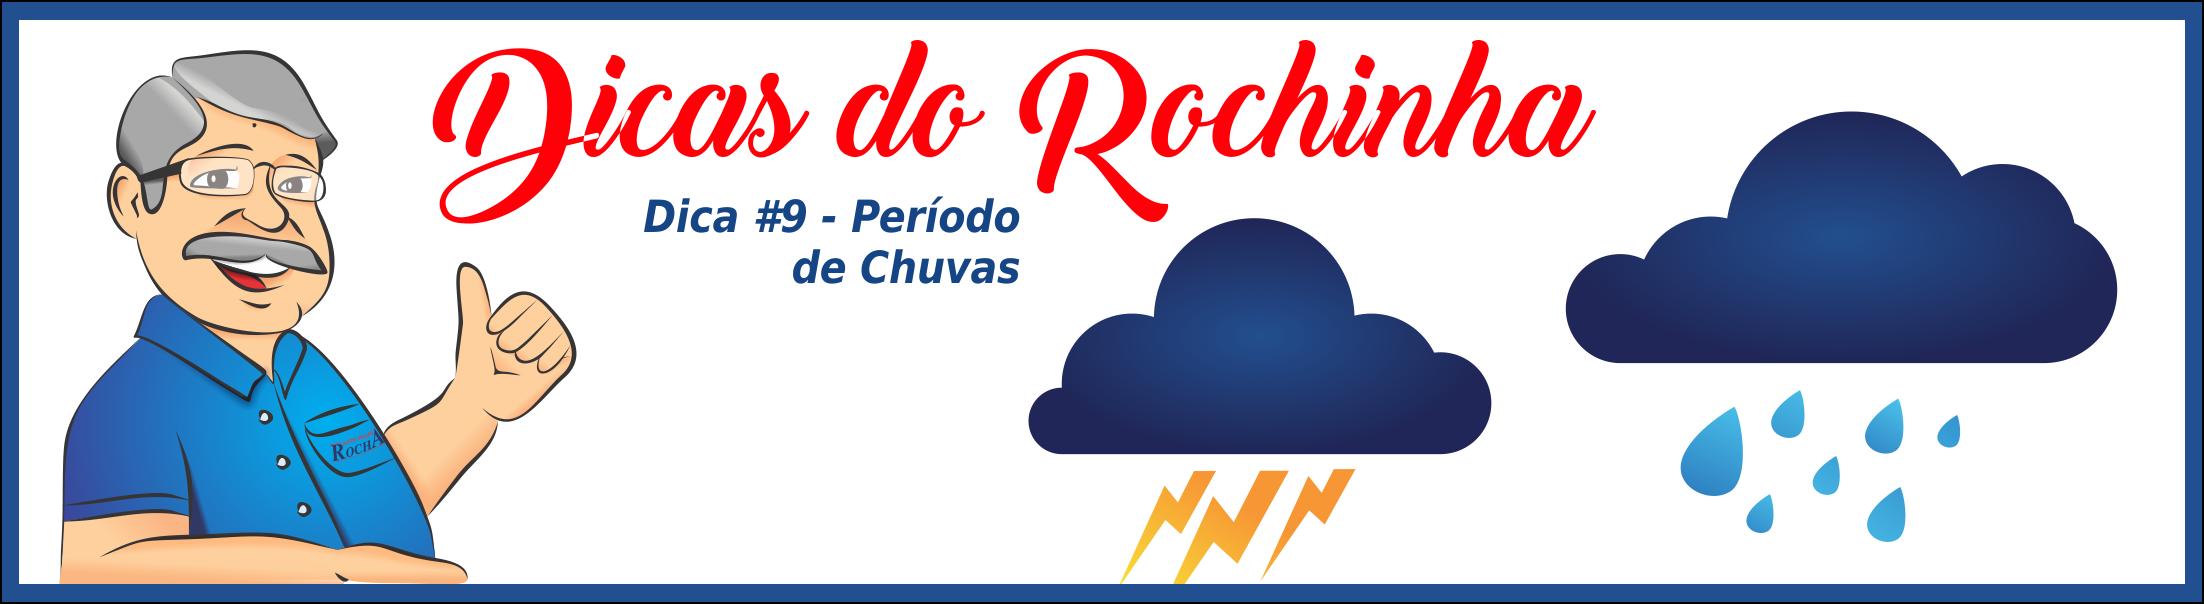 DICA DO ROCHINHA DICA#9